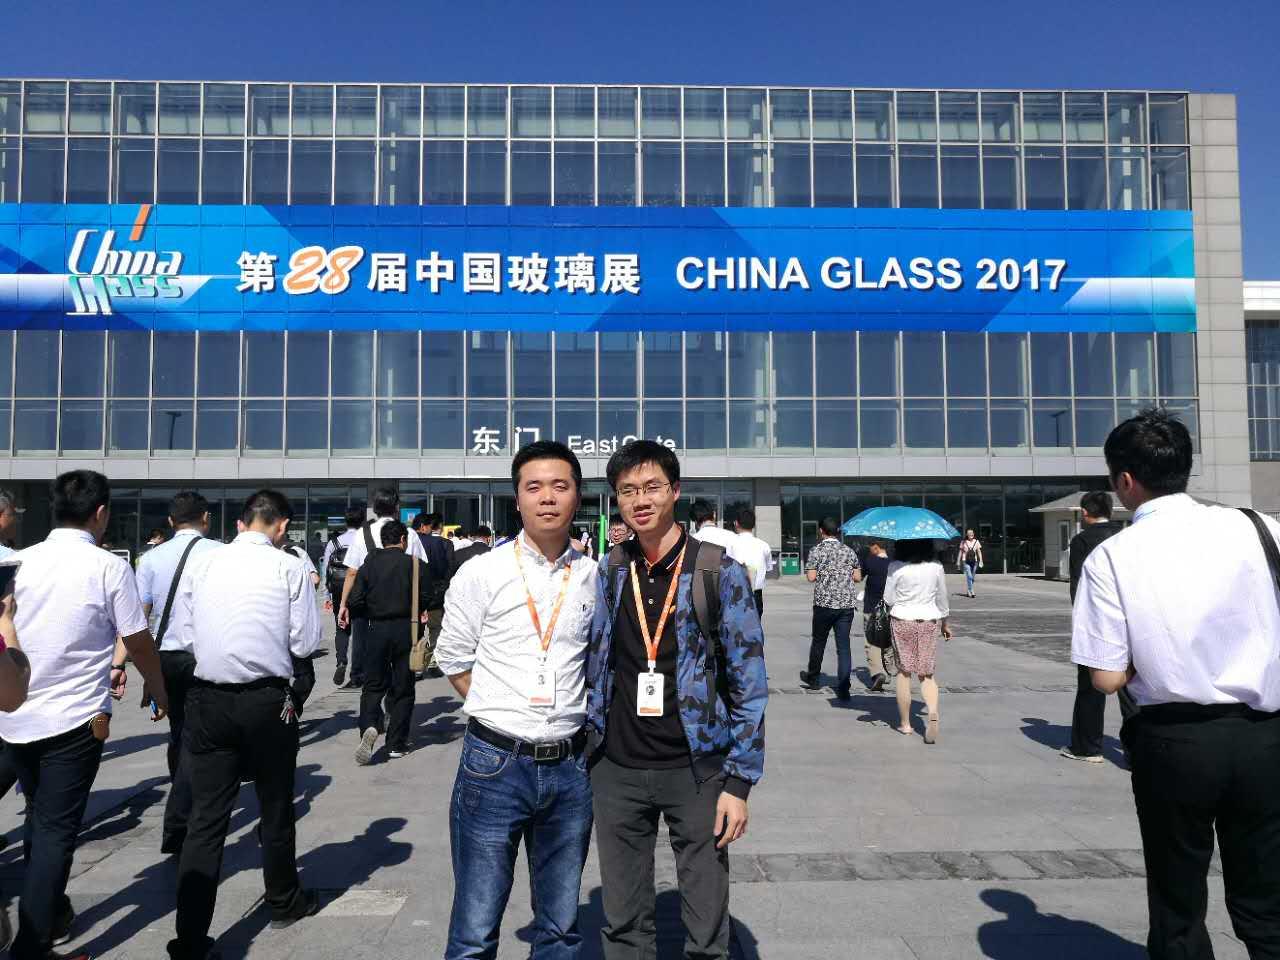 2017北京玻璃展,全球玻璃网与您不见不散